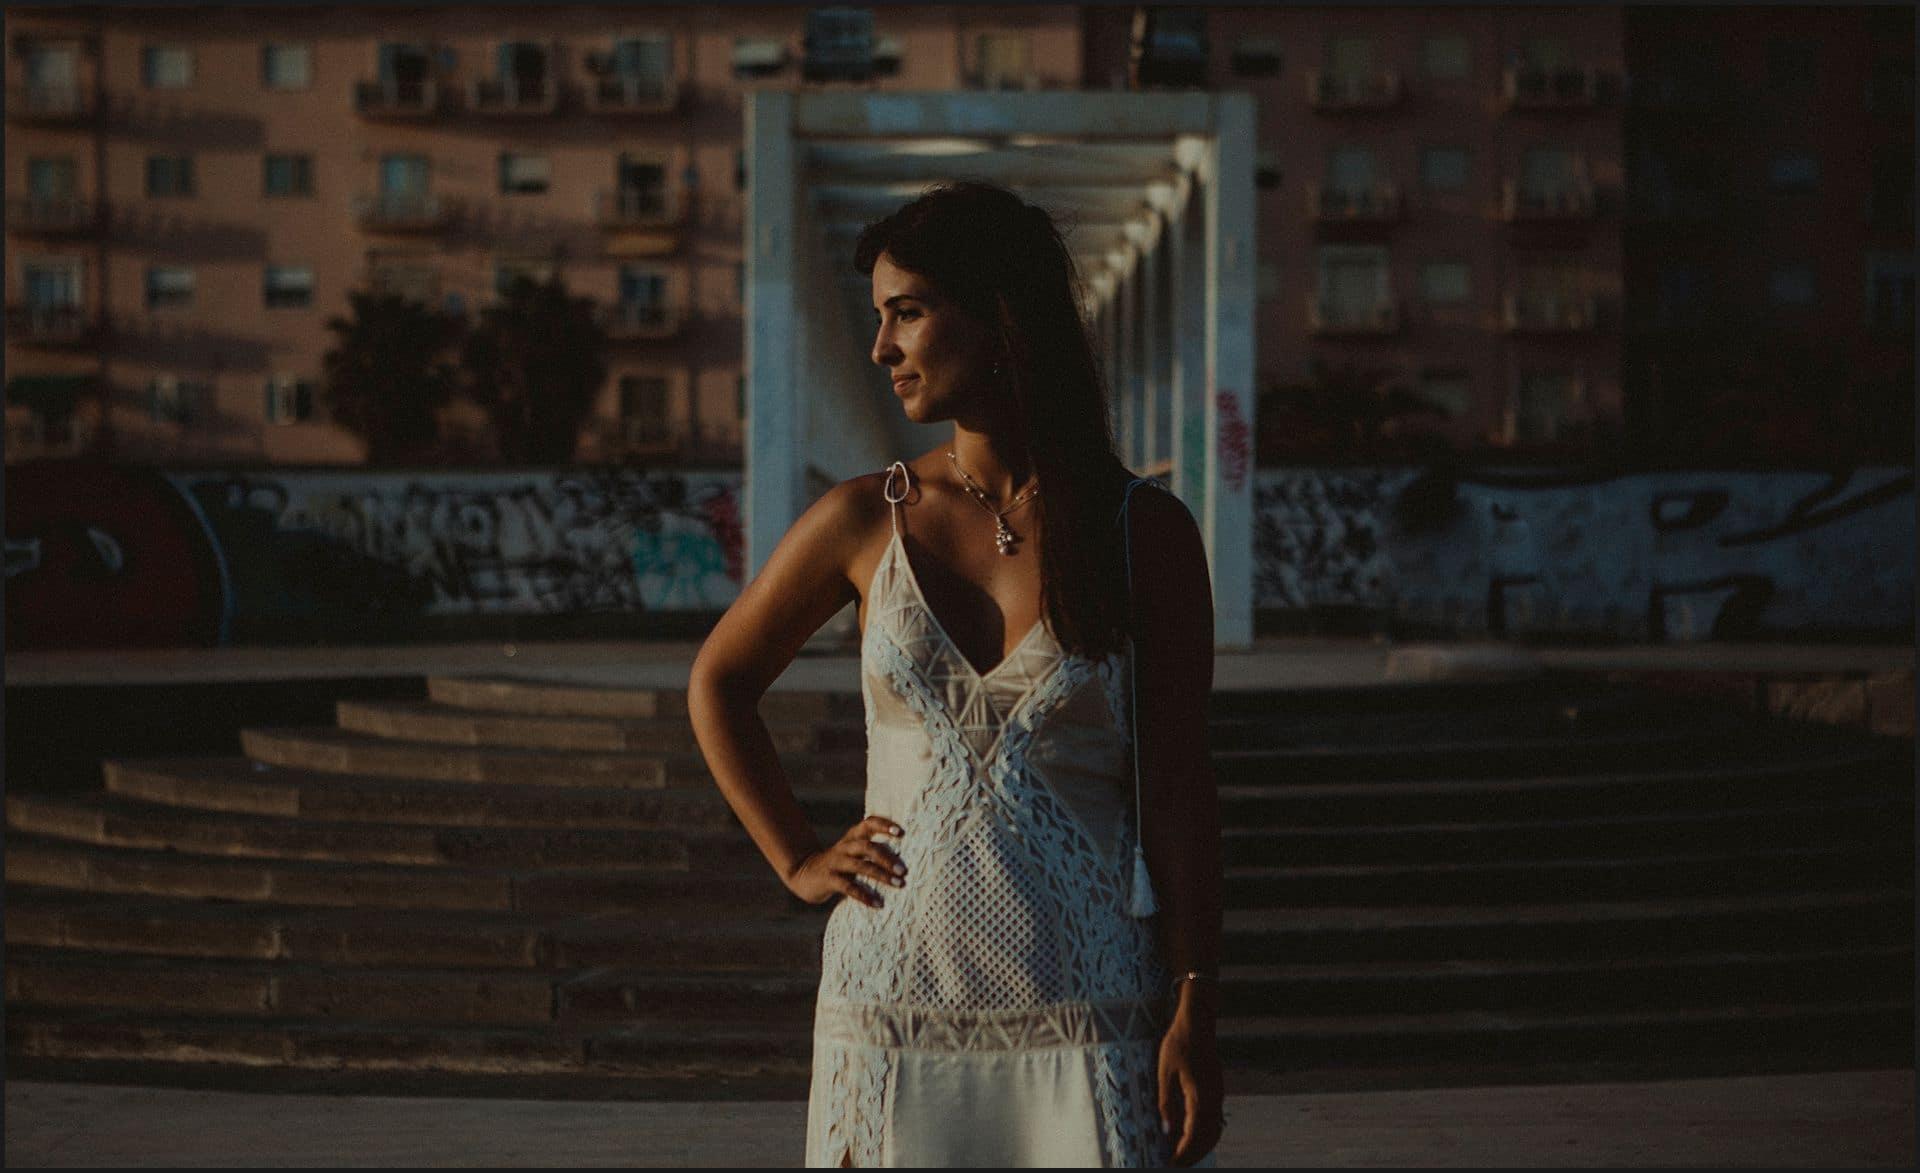 bride portrait, wedding gown, sunset, civitavecchia, rome